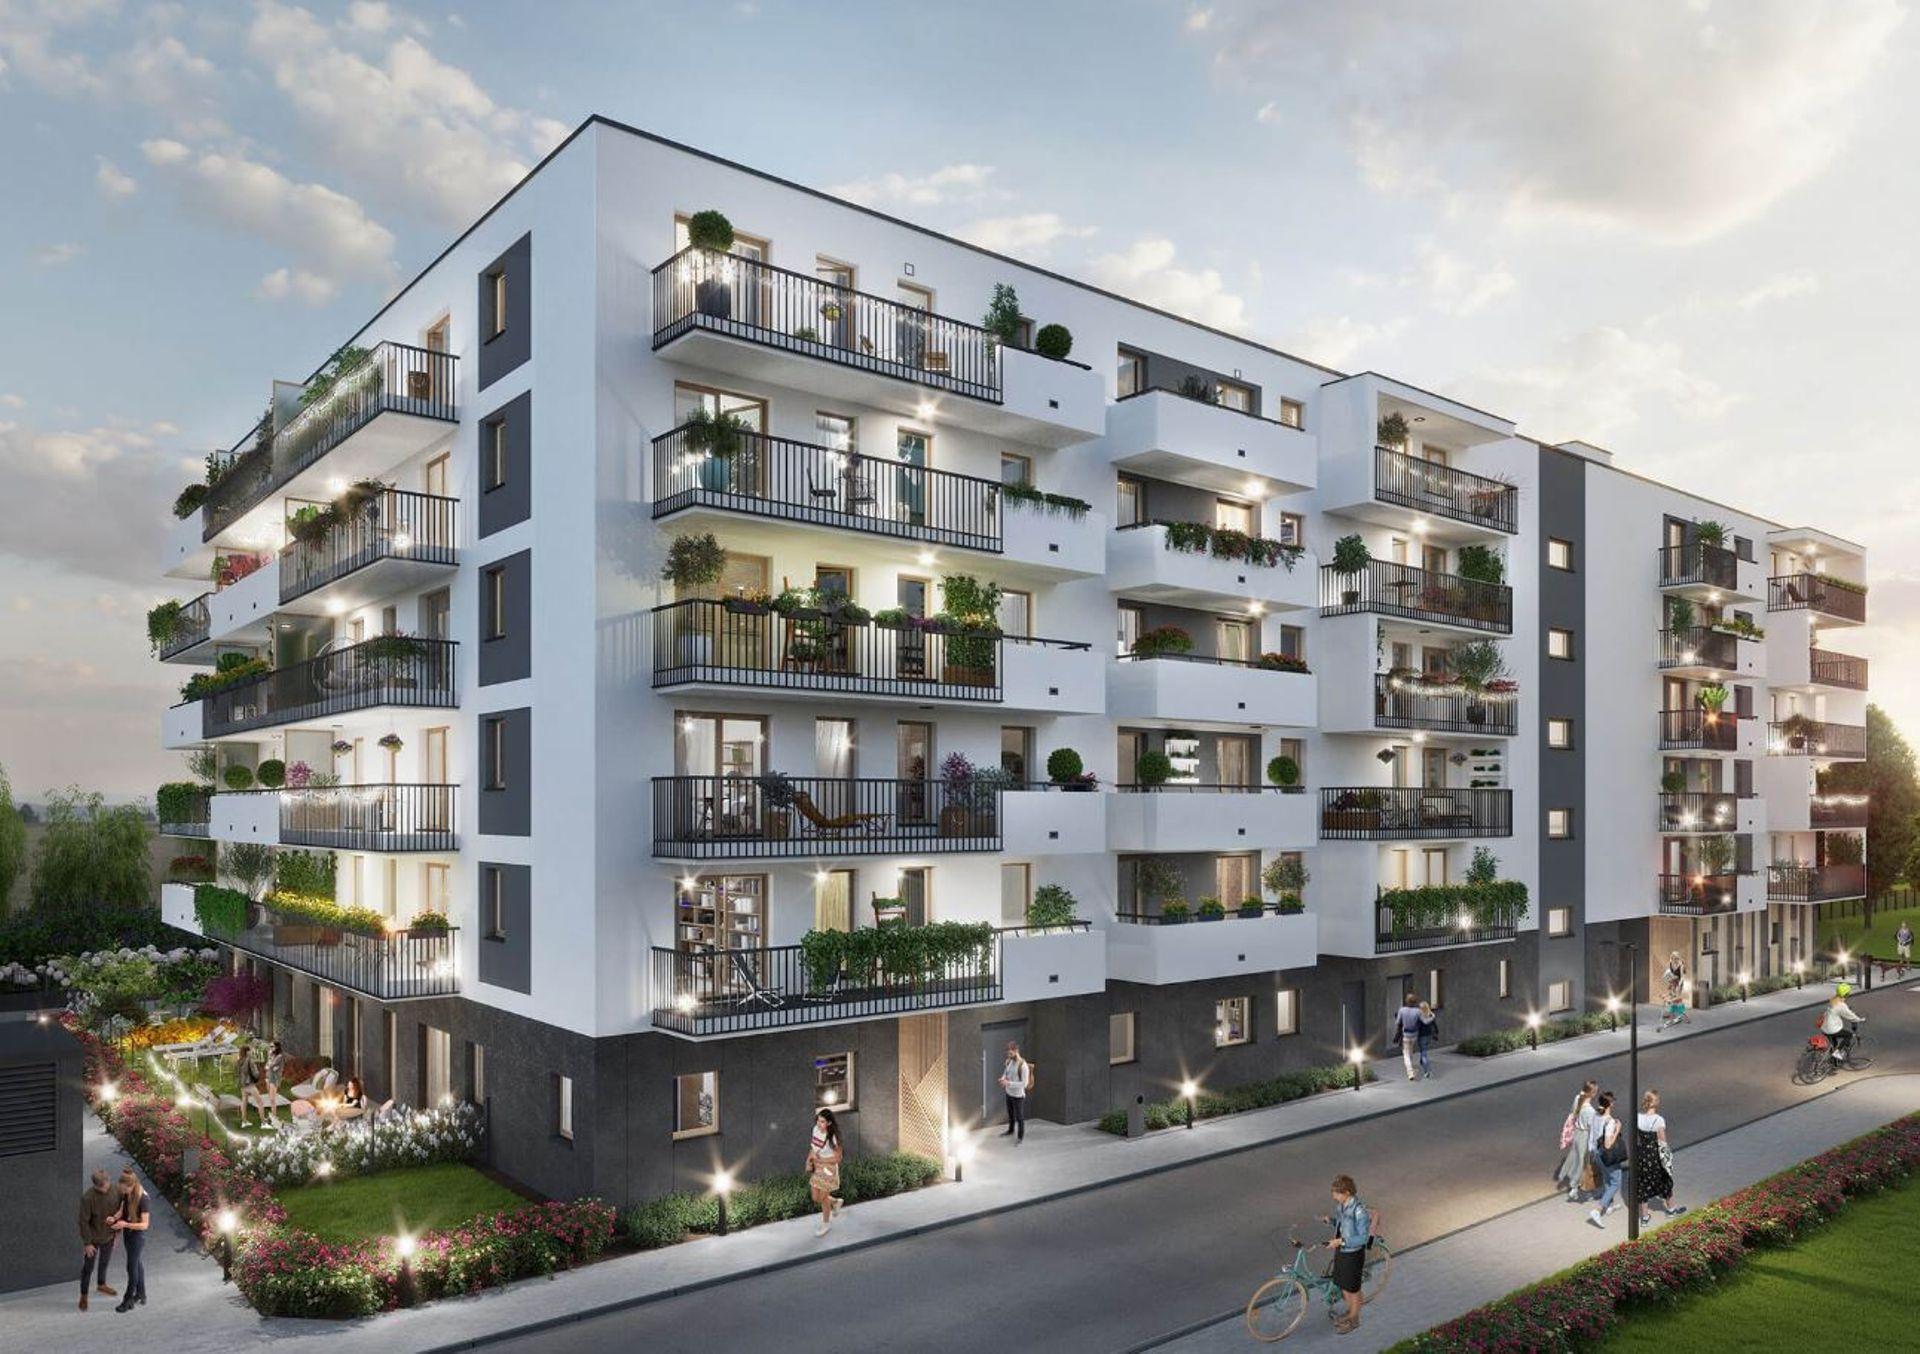 Ruszyła budowa piątego etapu osiedla Miasteczko Nova Ochota w Warszawie